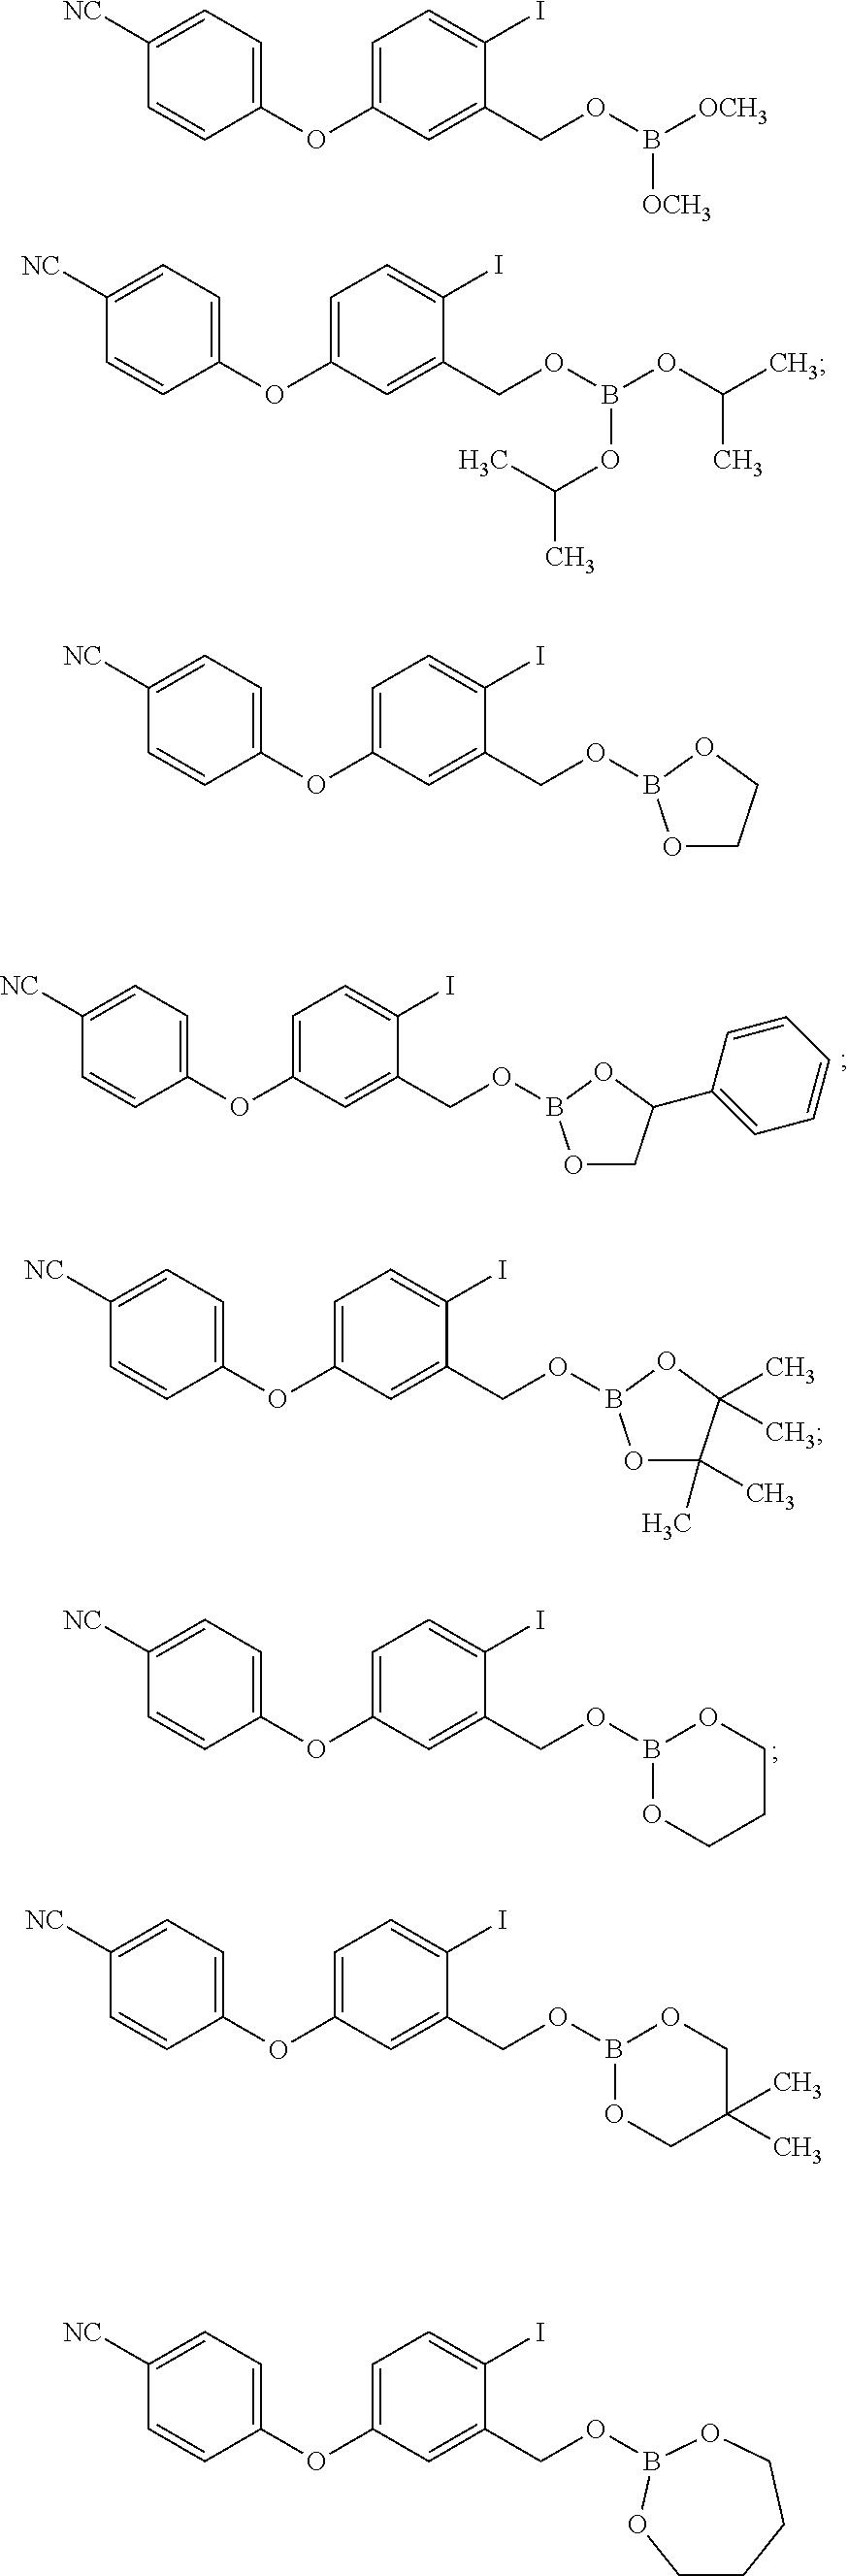 Figure US09566289-20170214-C00112